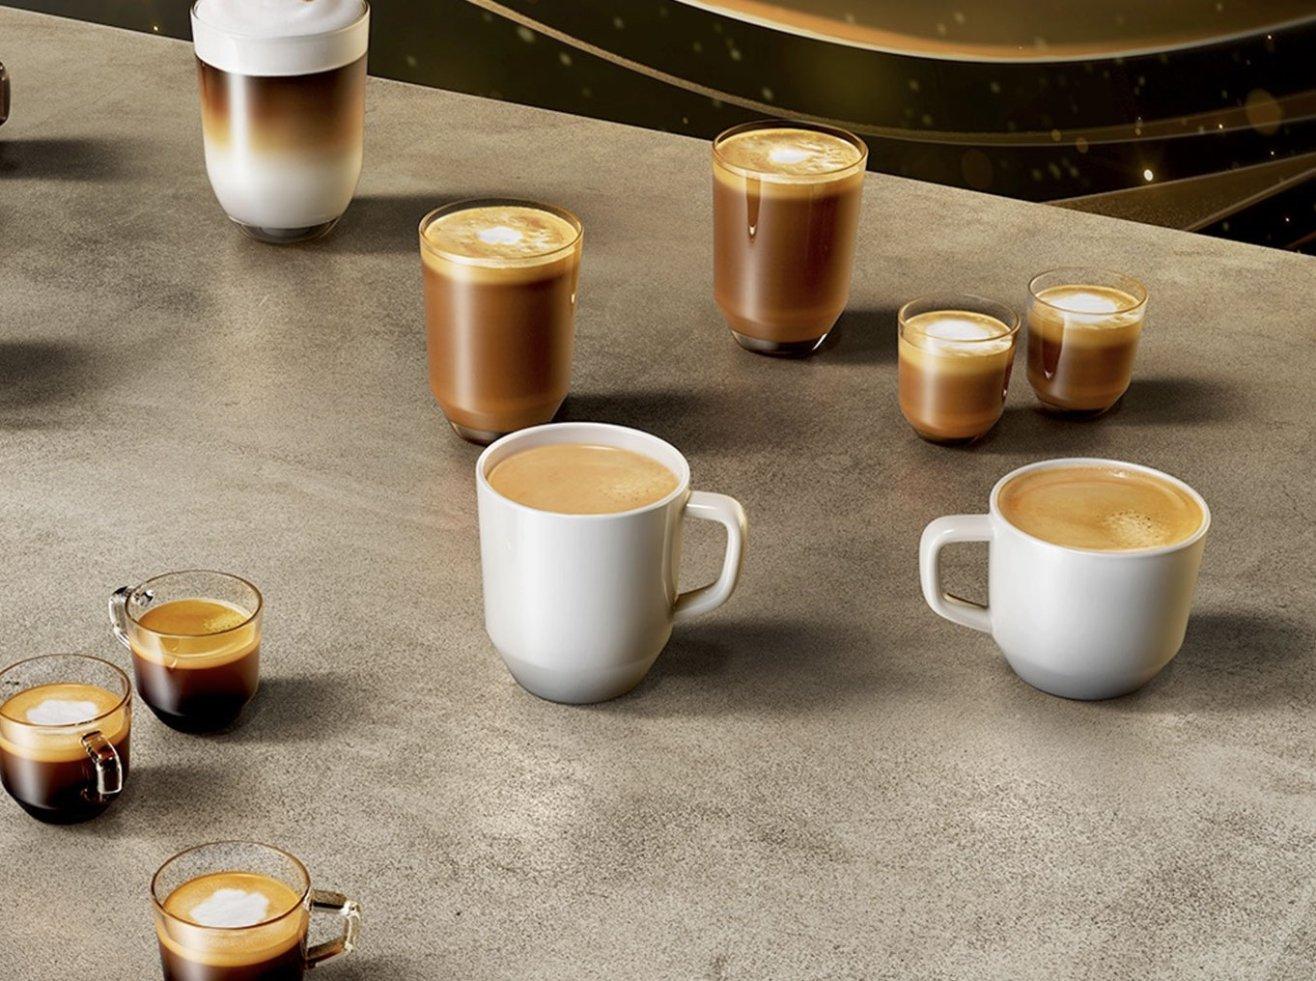 кофейные напитки в чашках